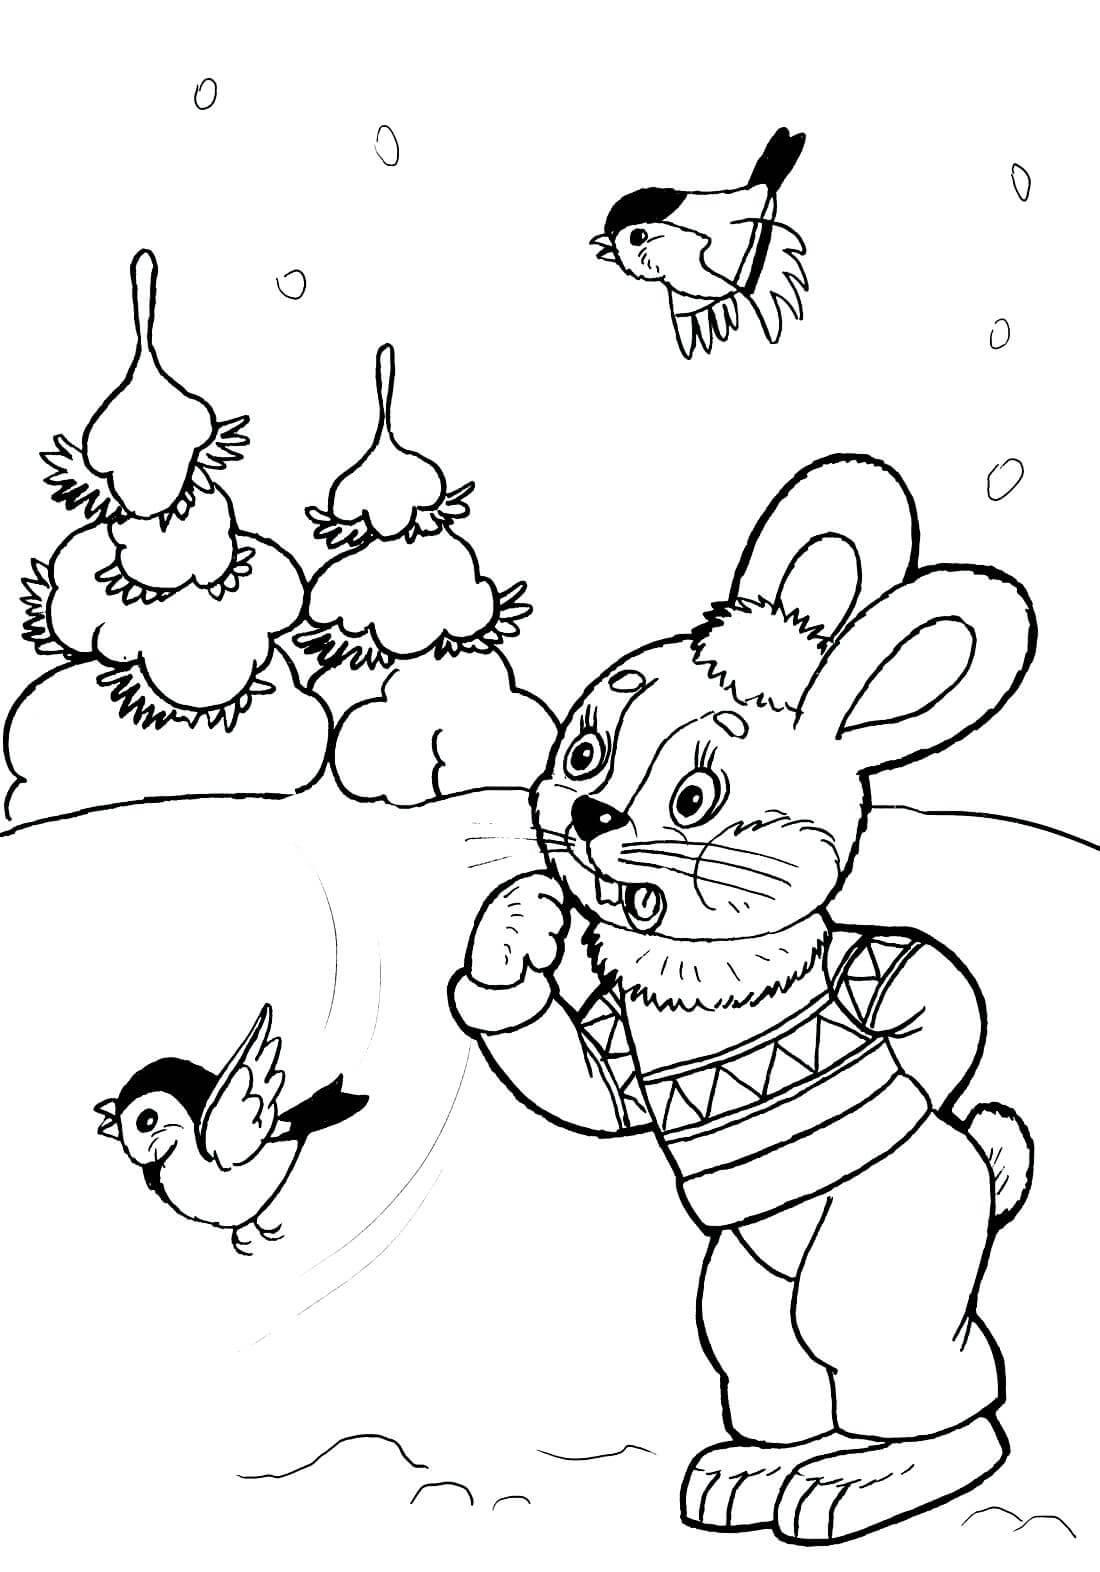 Раскраска Удивлённый зайчик